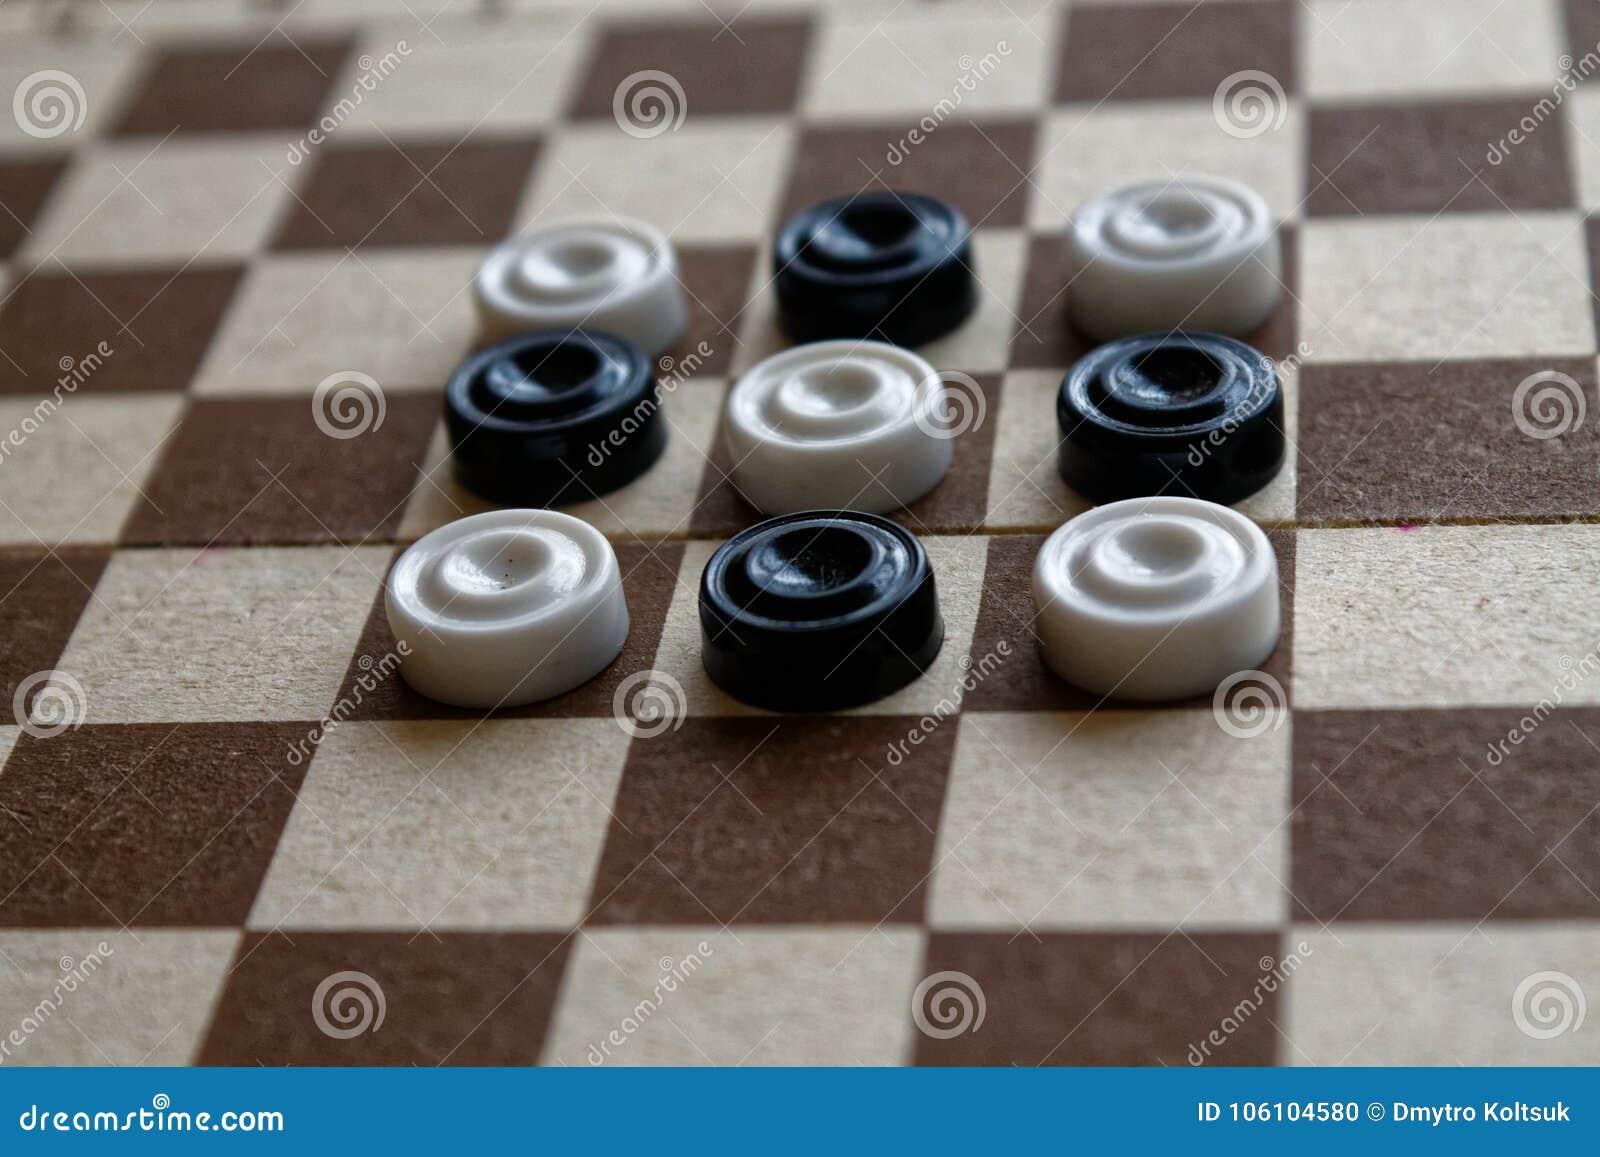 Controllori in scacchiera pronta per giocare Concetto del gioco Gioco da tavolo hobby controllori sul campo da gioco per un gioco